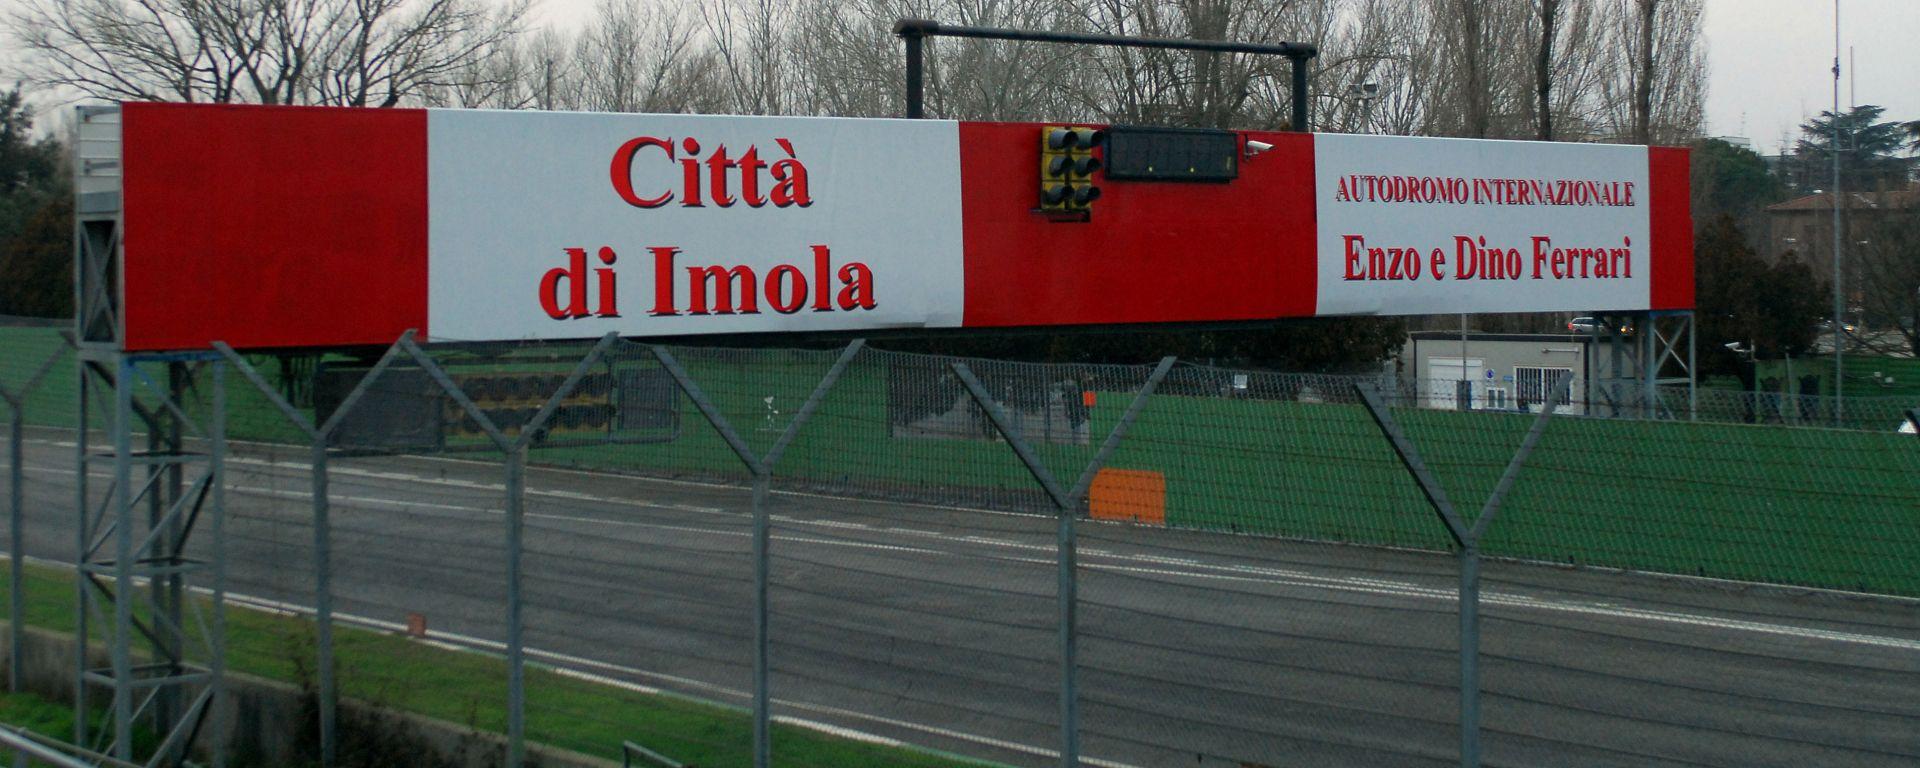 Autodromo di Imola